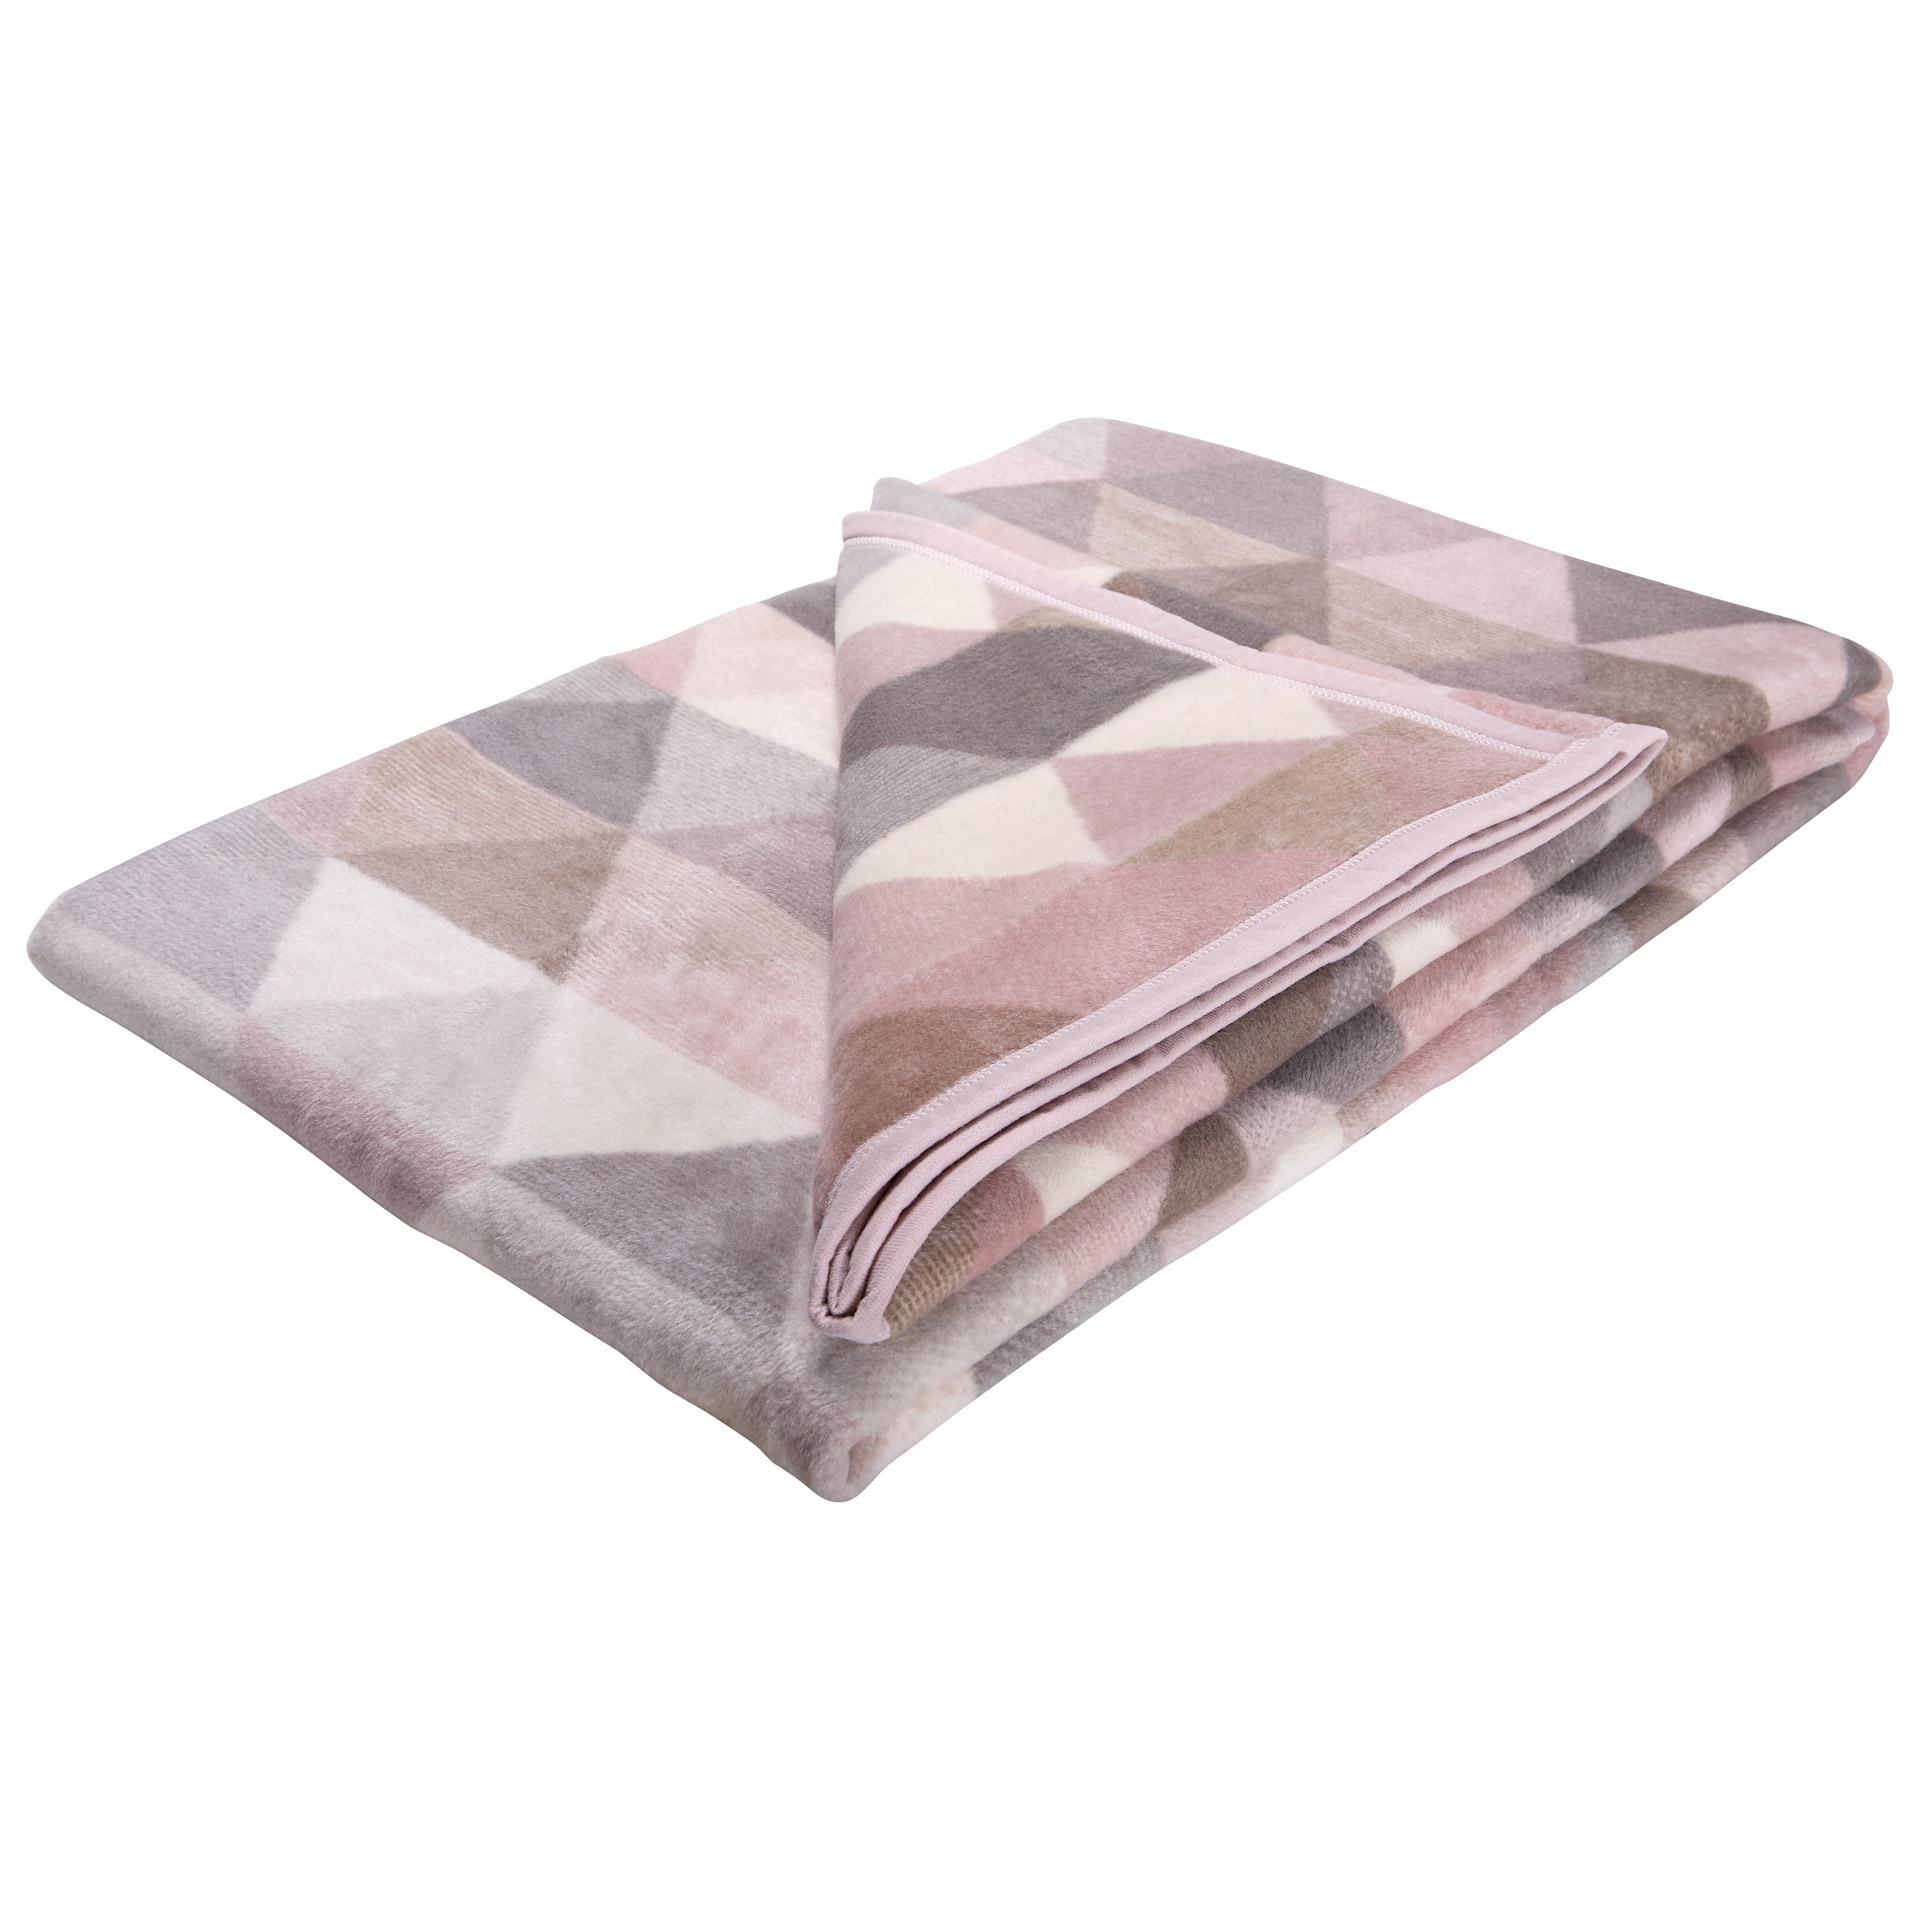 Schlafdecke Cotton Home Thermosoft (150x200, Rauten)